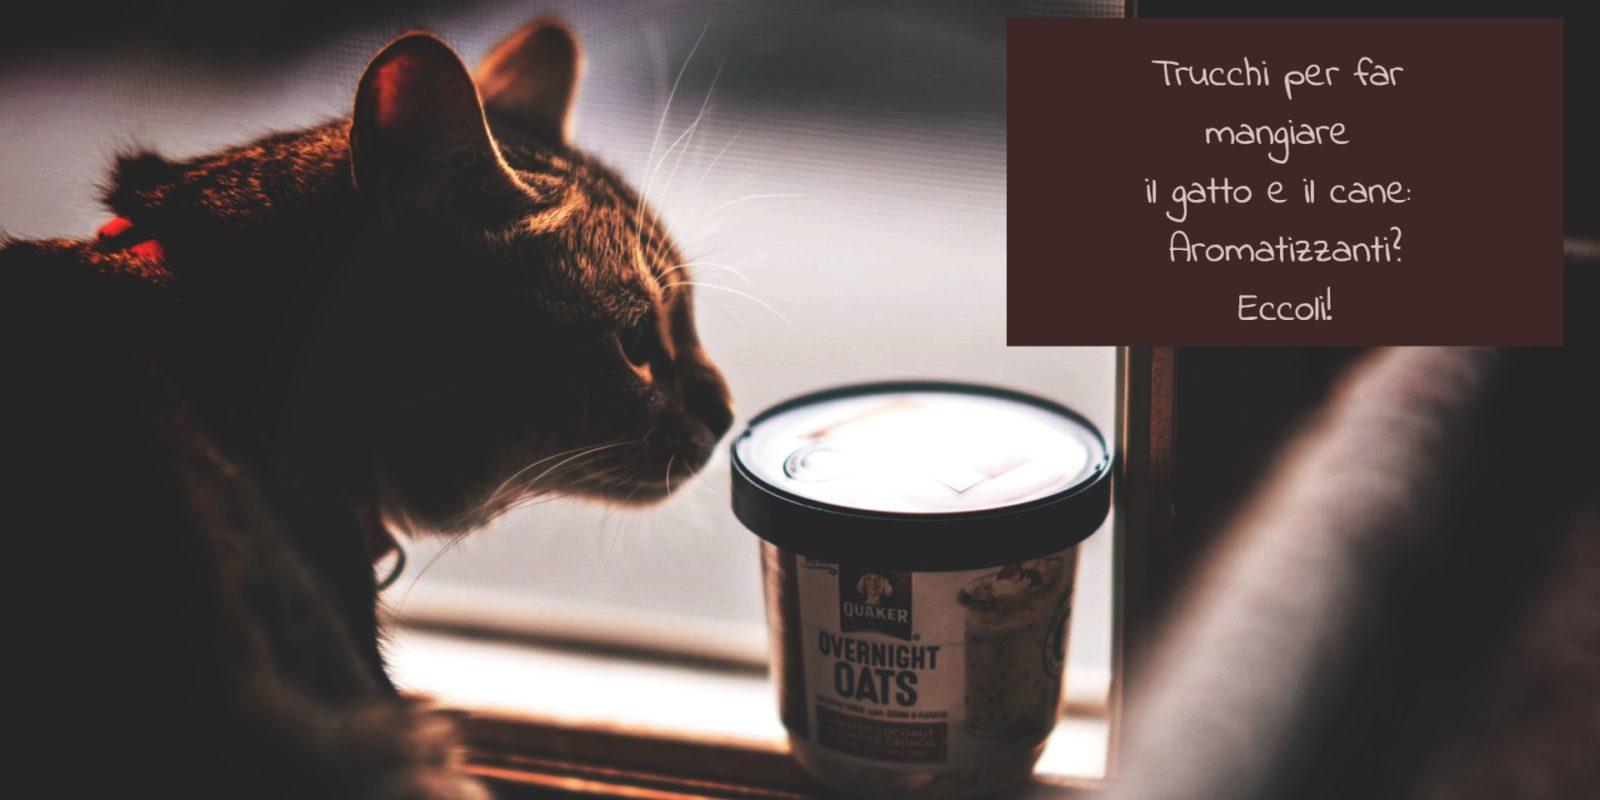 Trucchi per far mangiare il gatto